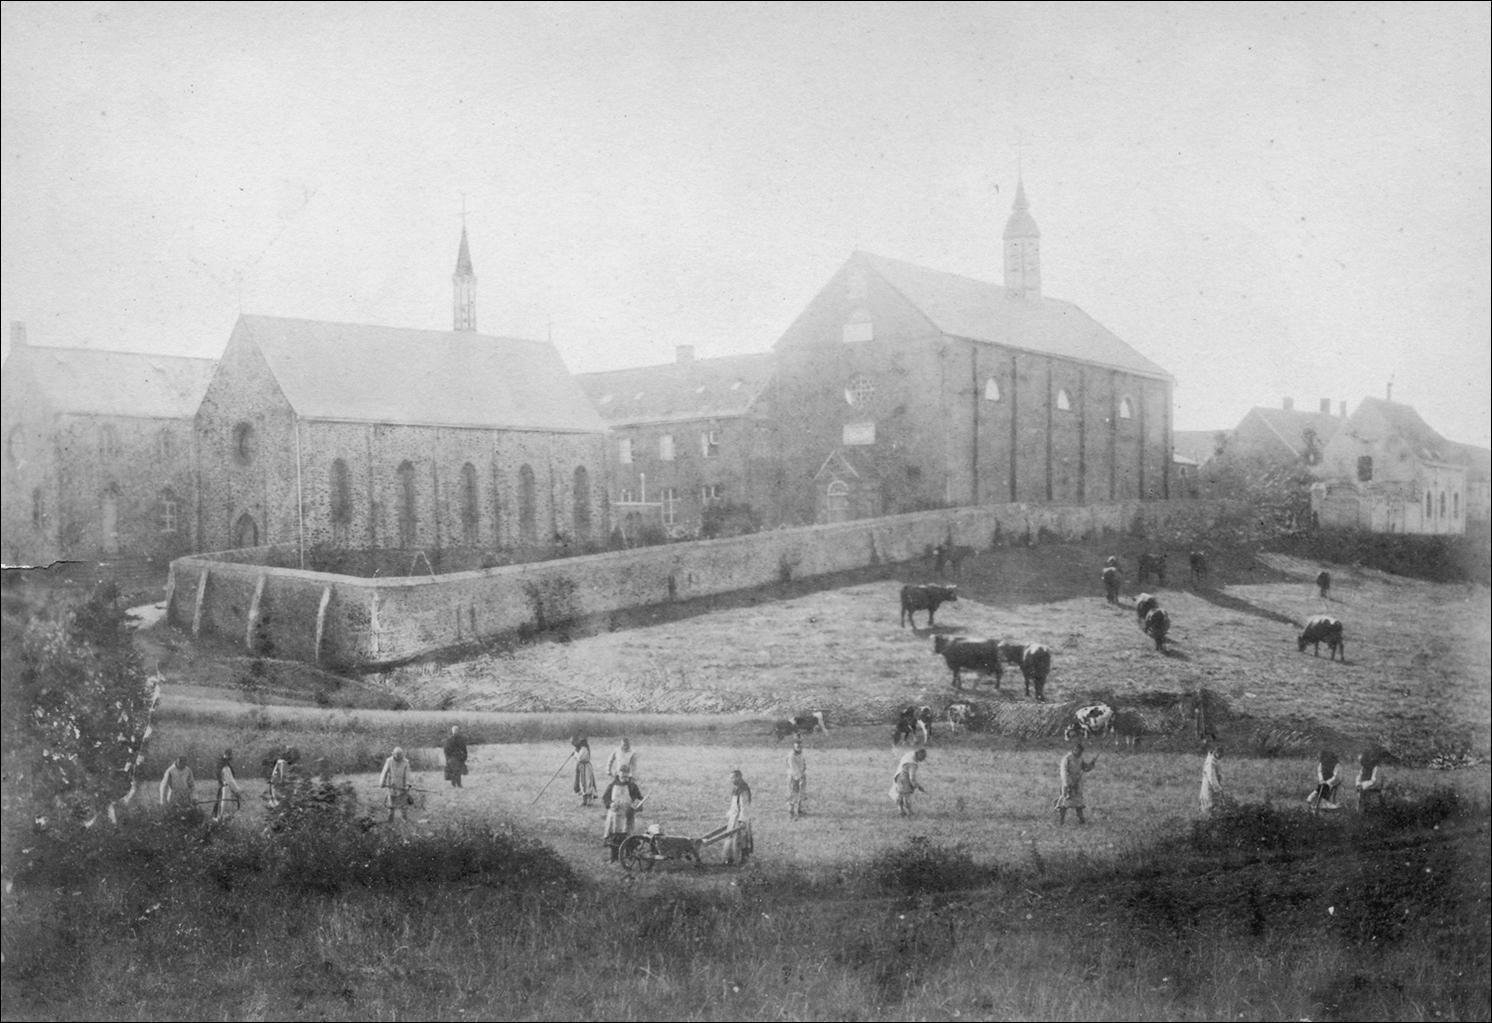 A gauche, l'église paroissiale, à droite l'église et les bâtiments de la communauté, à l'extrême droite les ateliers.